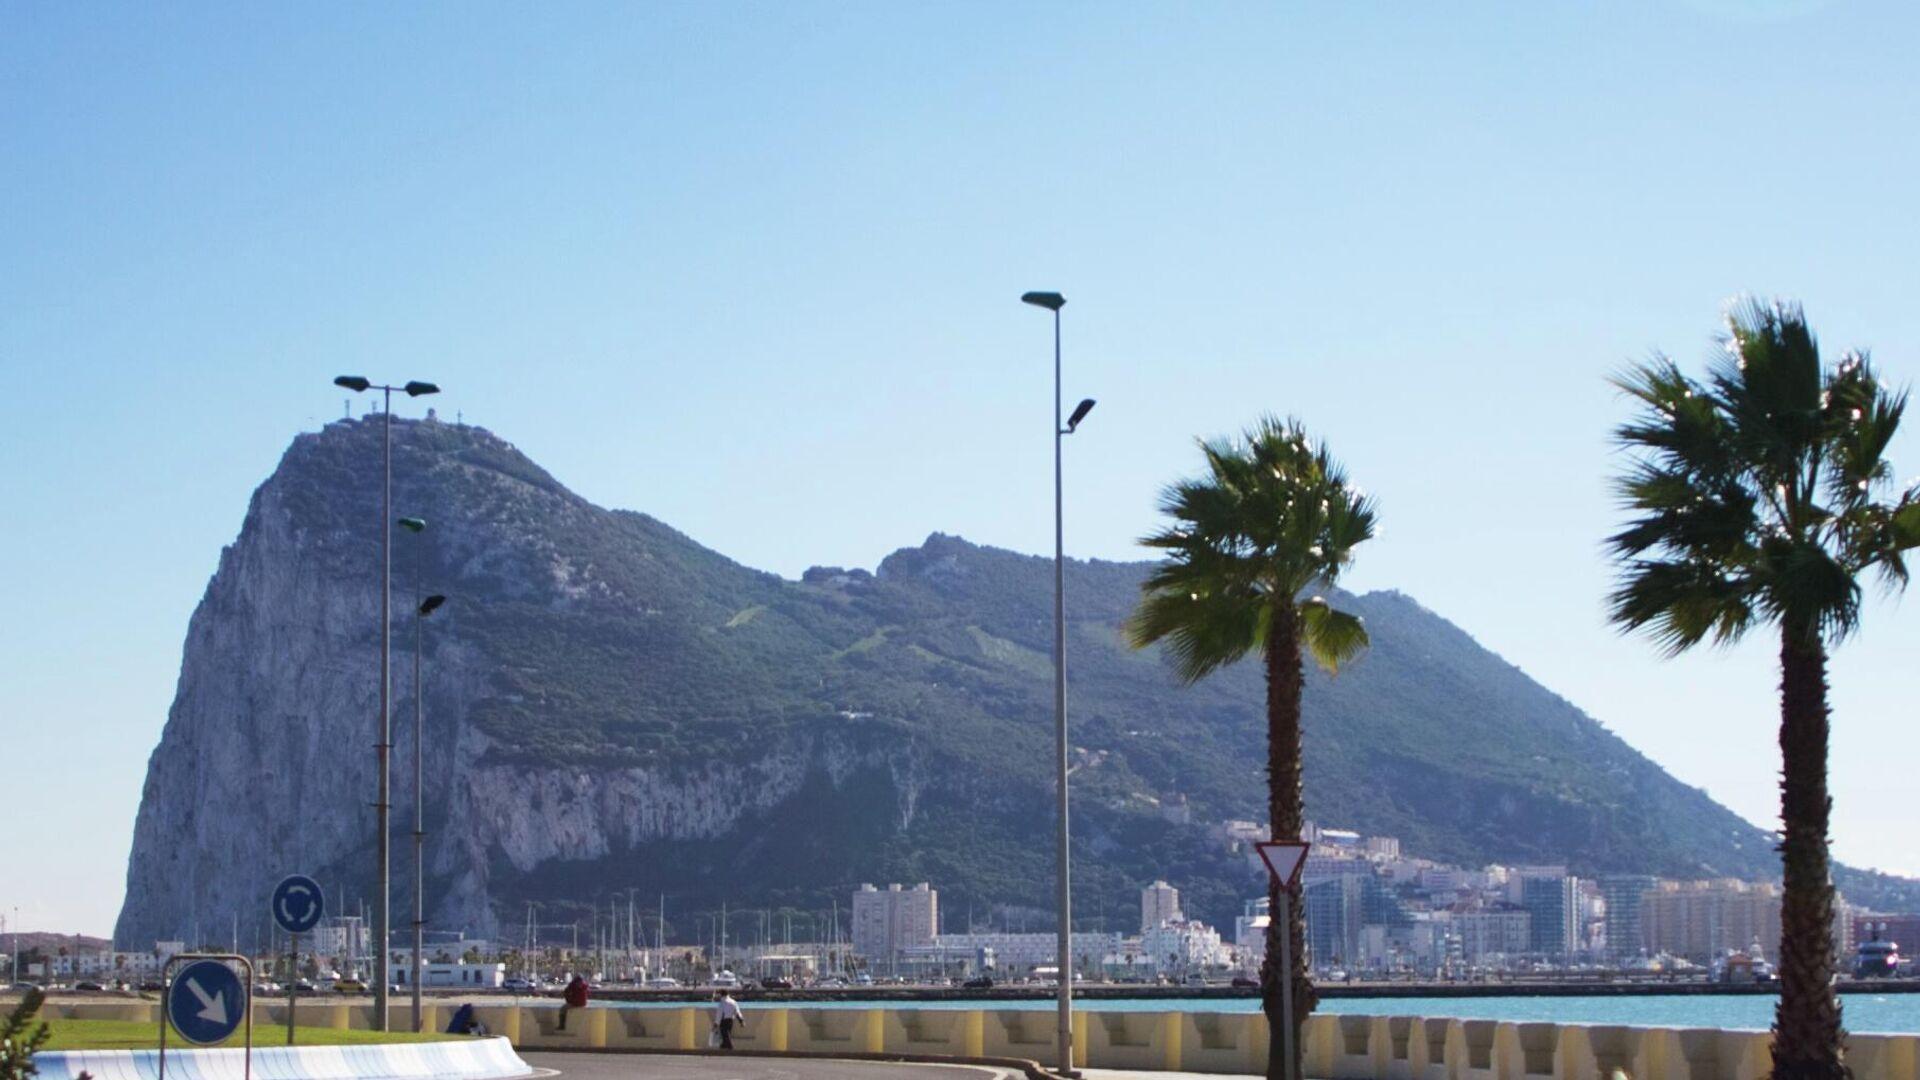 Vista del peñón de Gibraltar desde La Línea de la Concepción - Sputnik Mundo, 1920, 27.09.2021